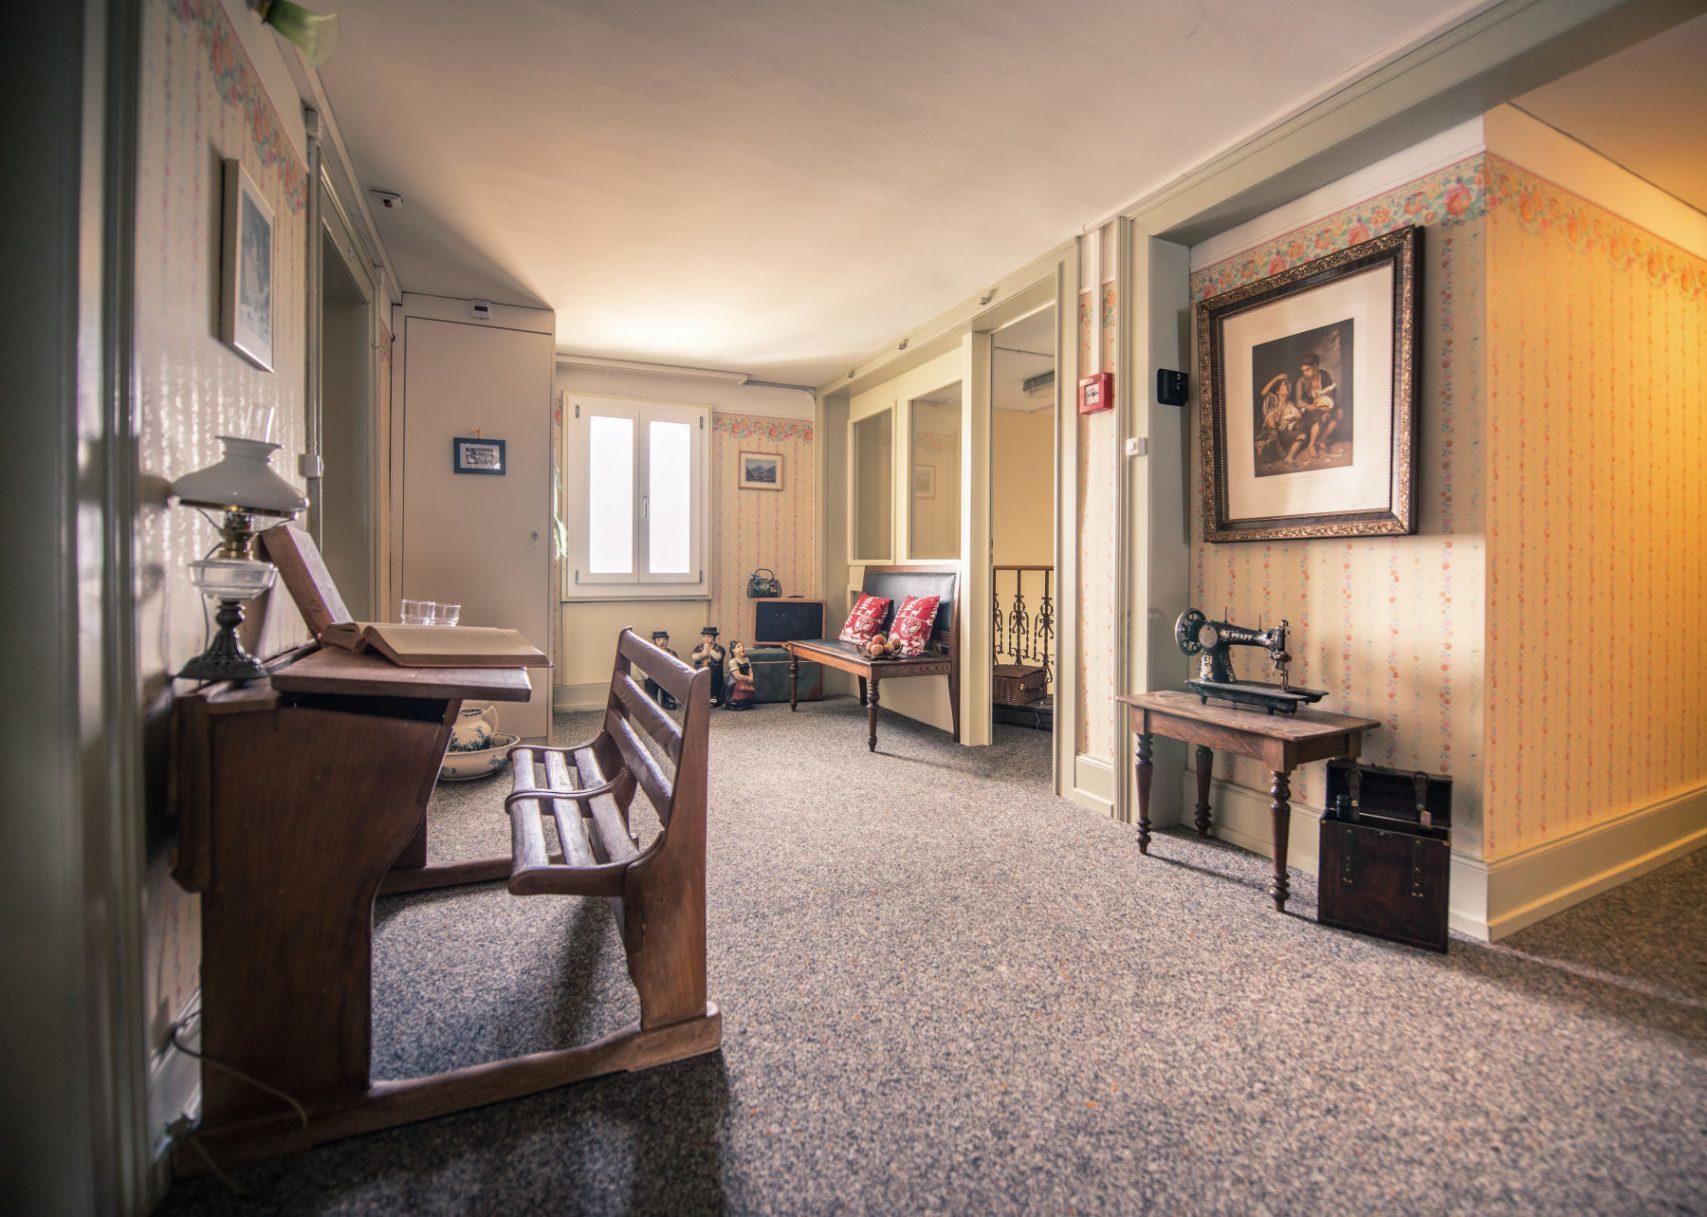 berghotel-schynige-platte-schlafzimmer-04 © Jungfraubahnen 2019